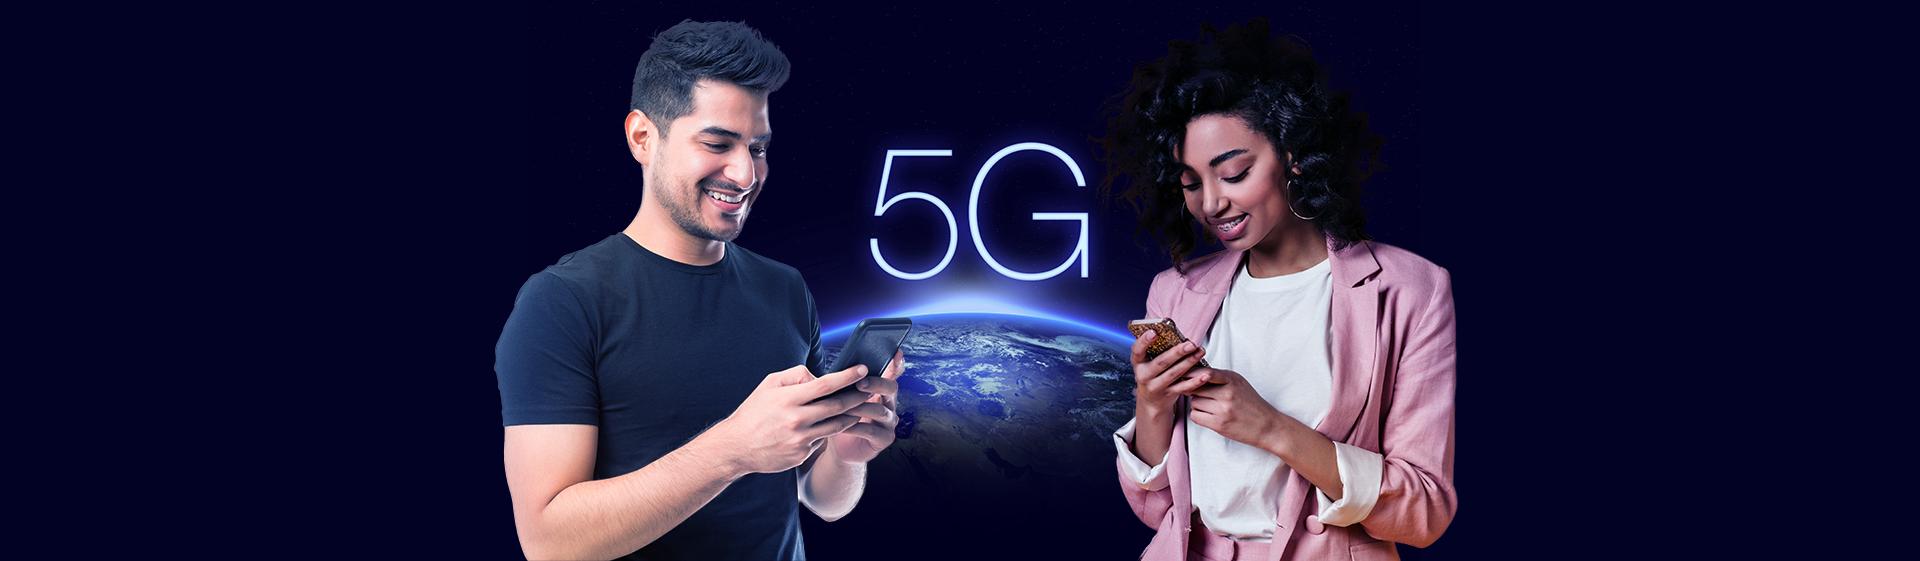 Ilustração com um homem e uma mulher mexendo no celular, com o planeta atrás escrito 5G